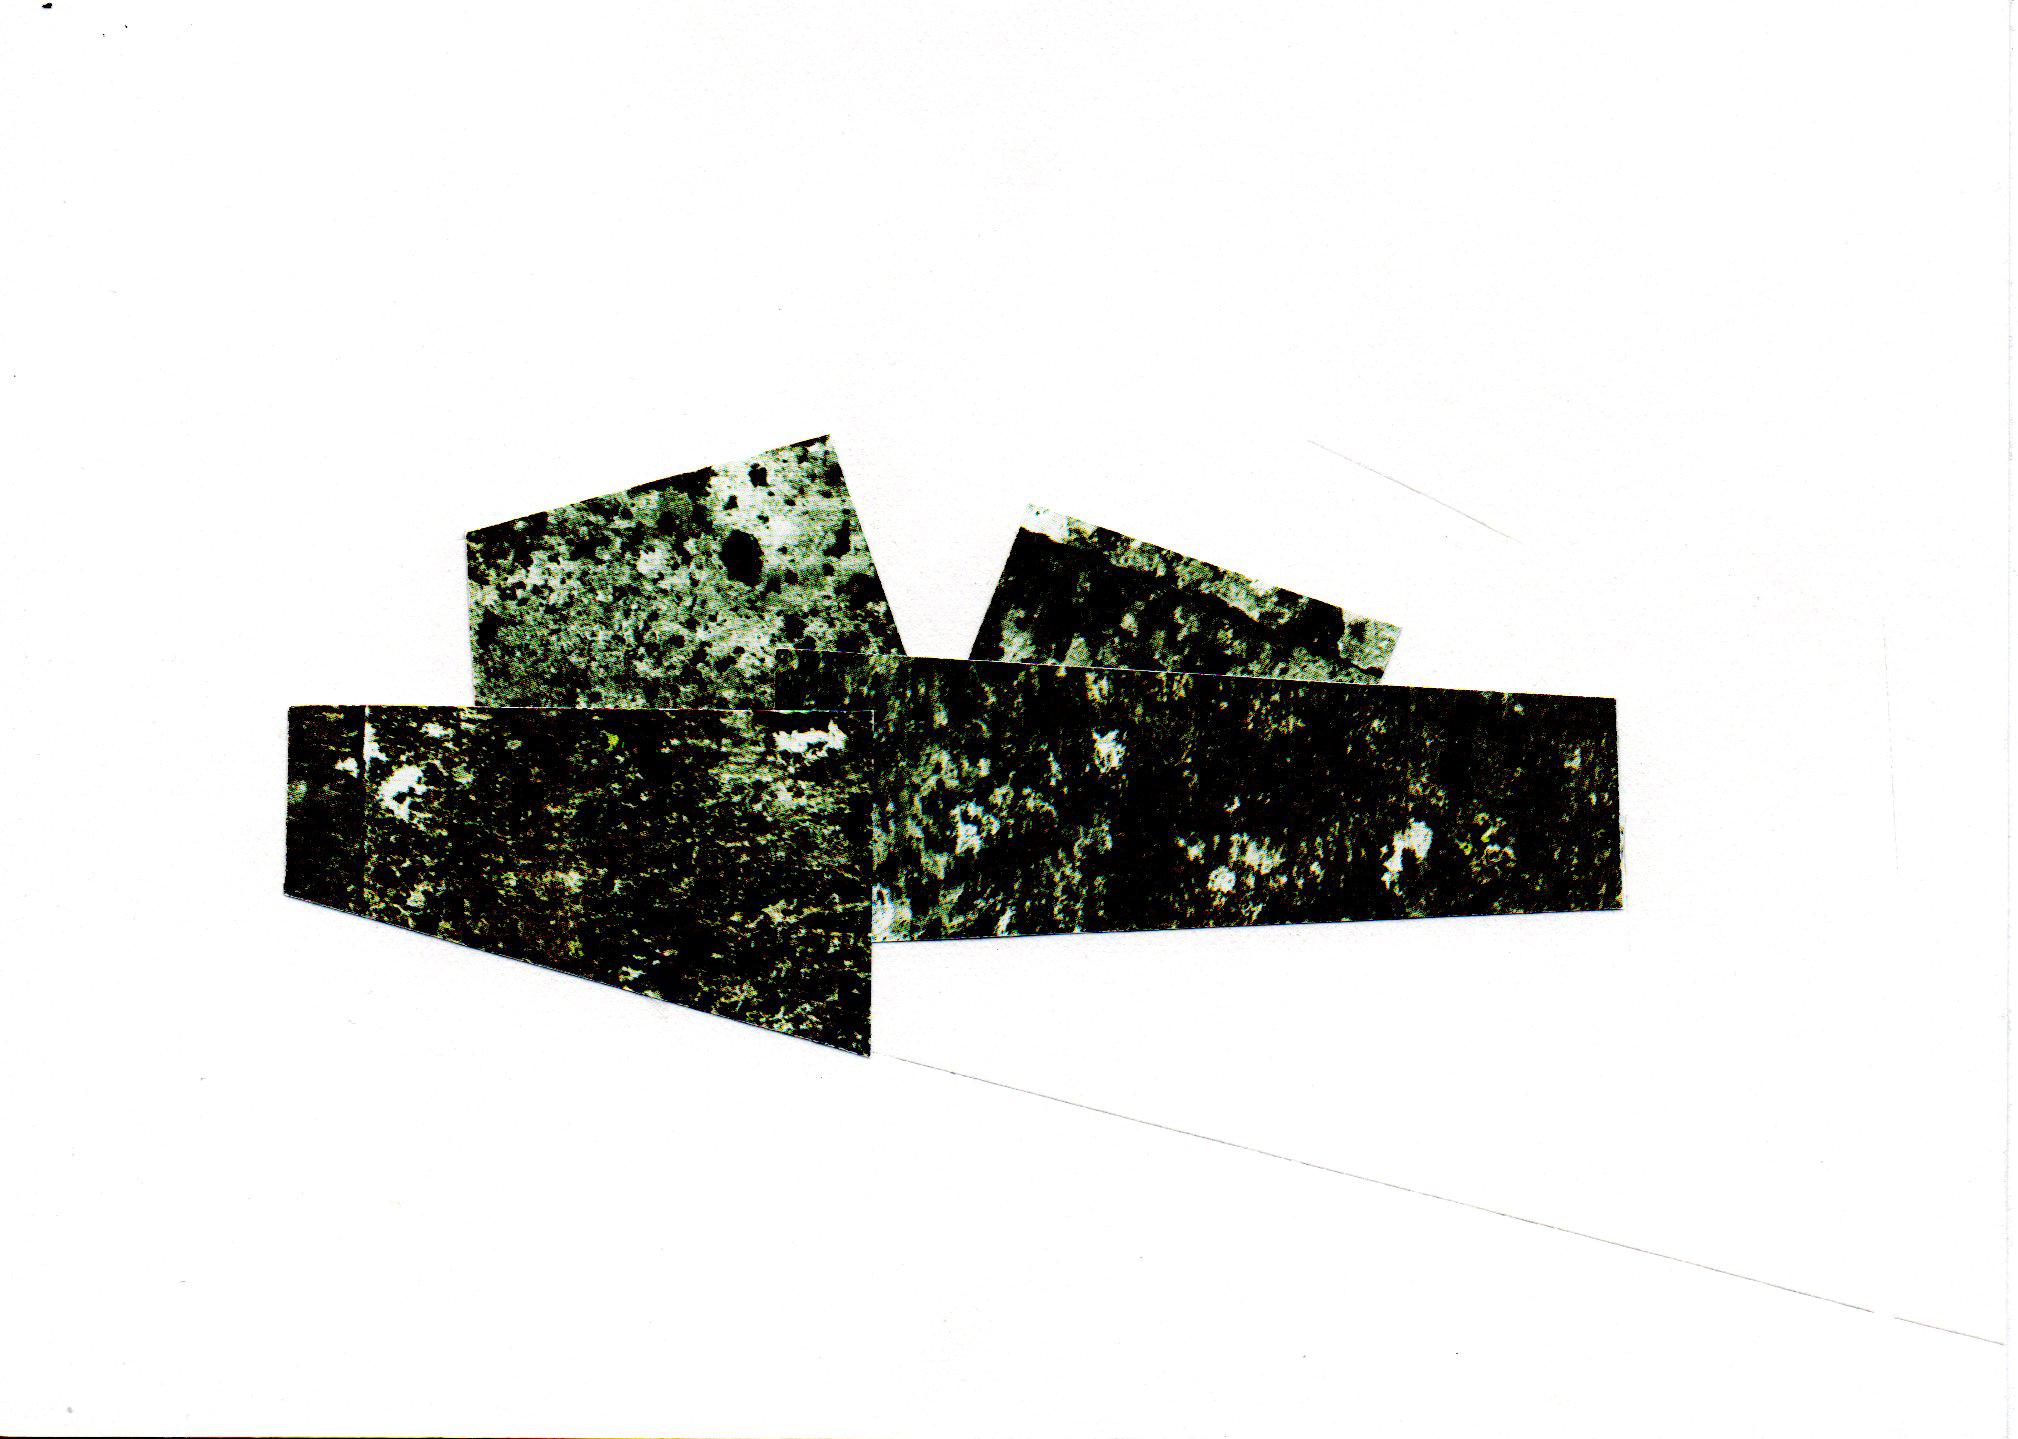 gestos-conceptuales-volumetria01.jpg